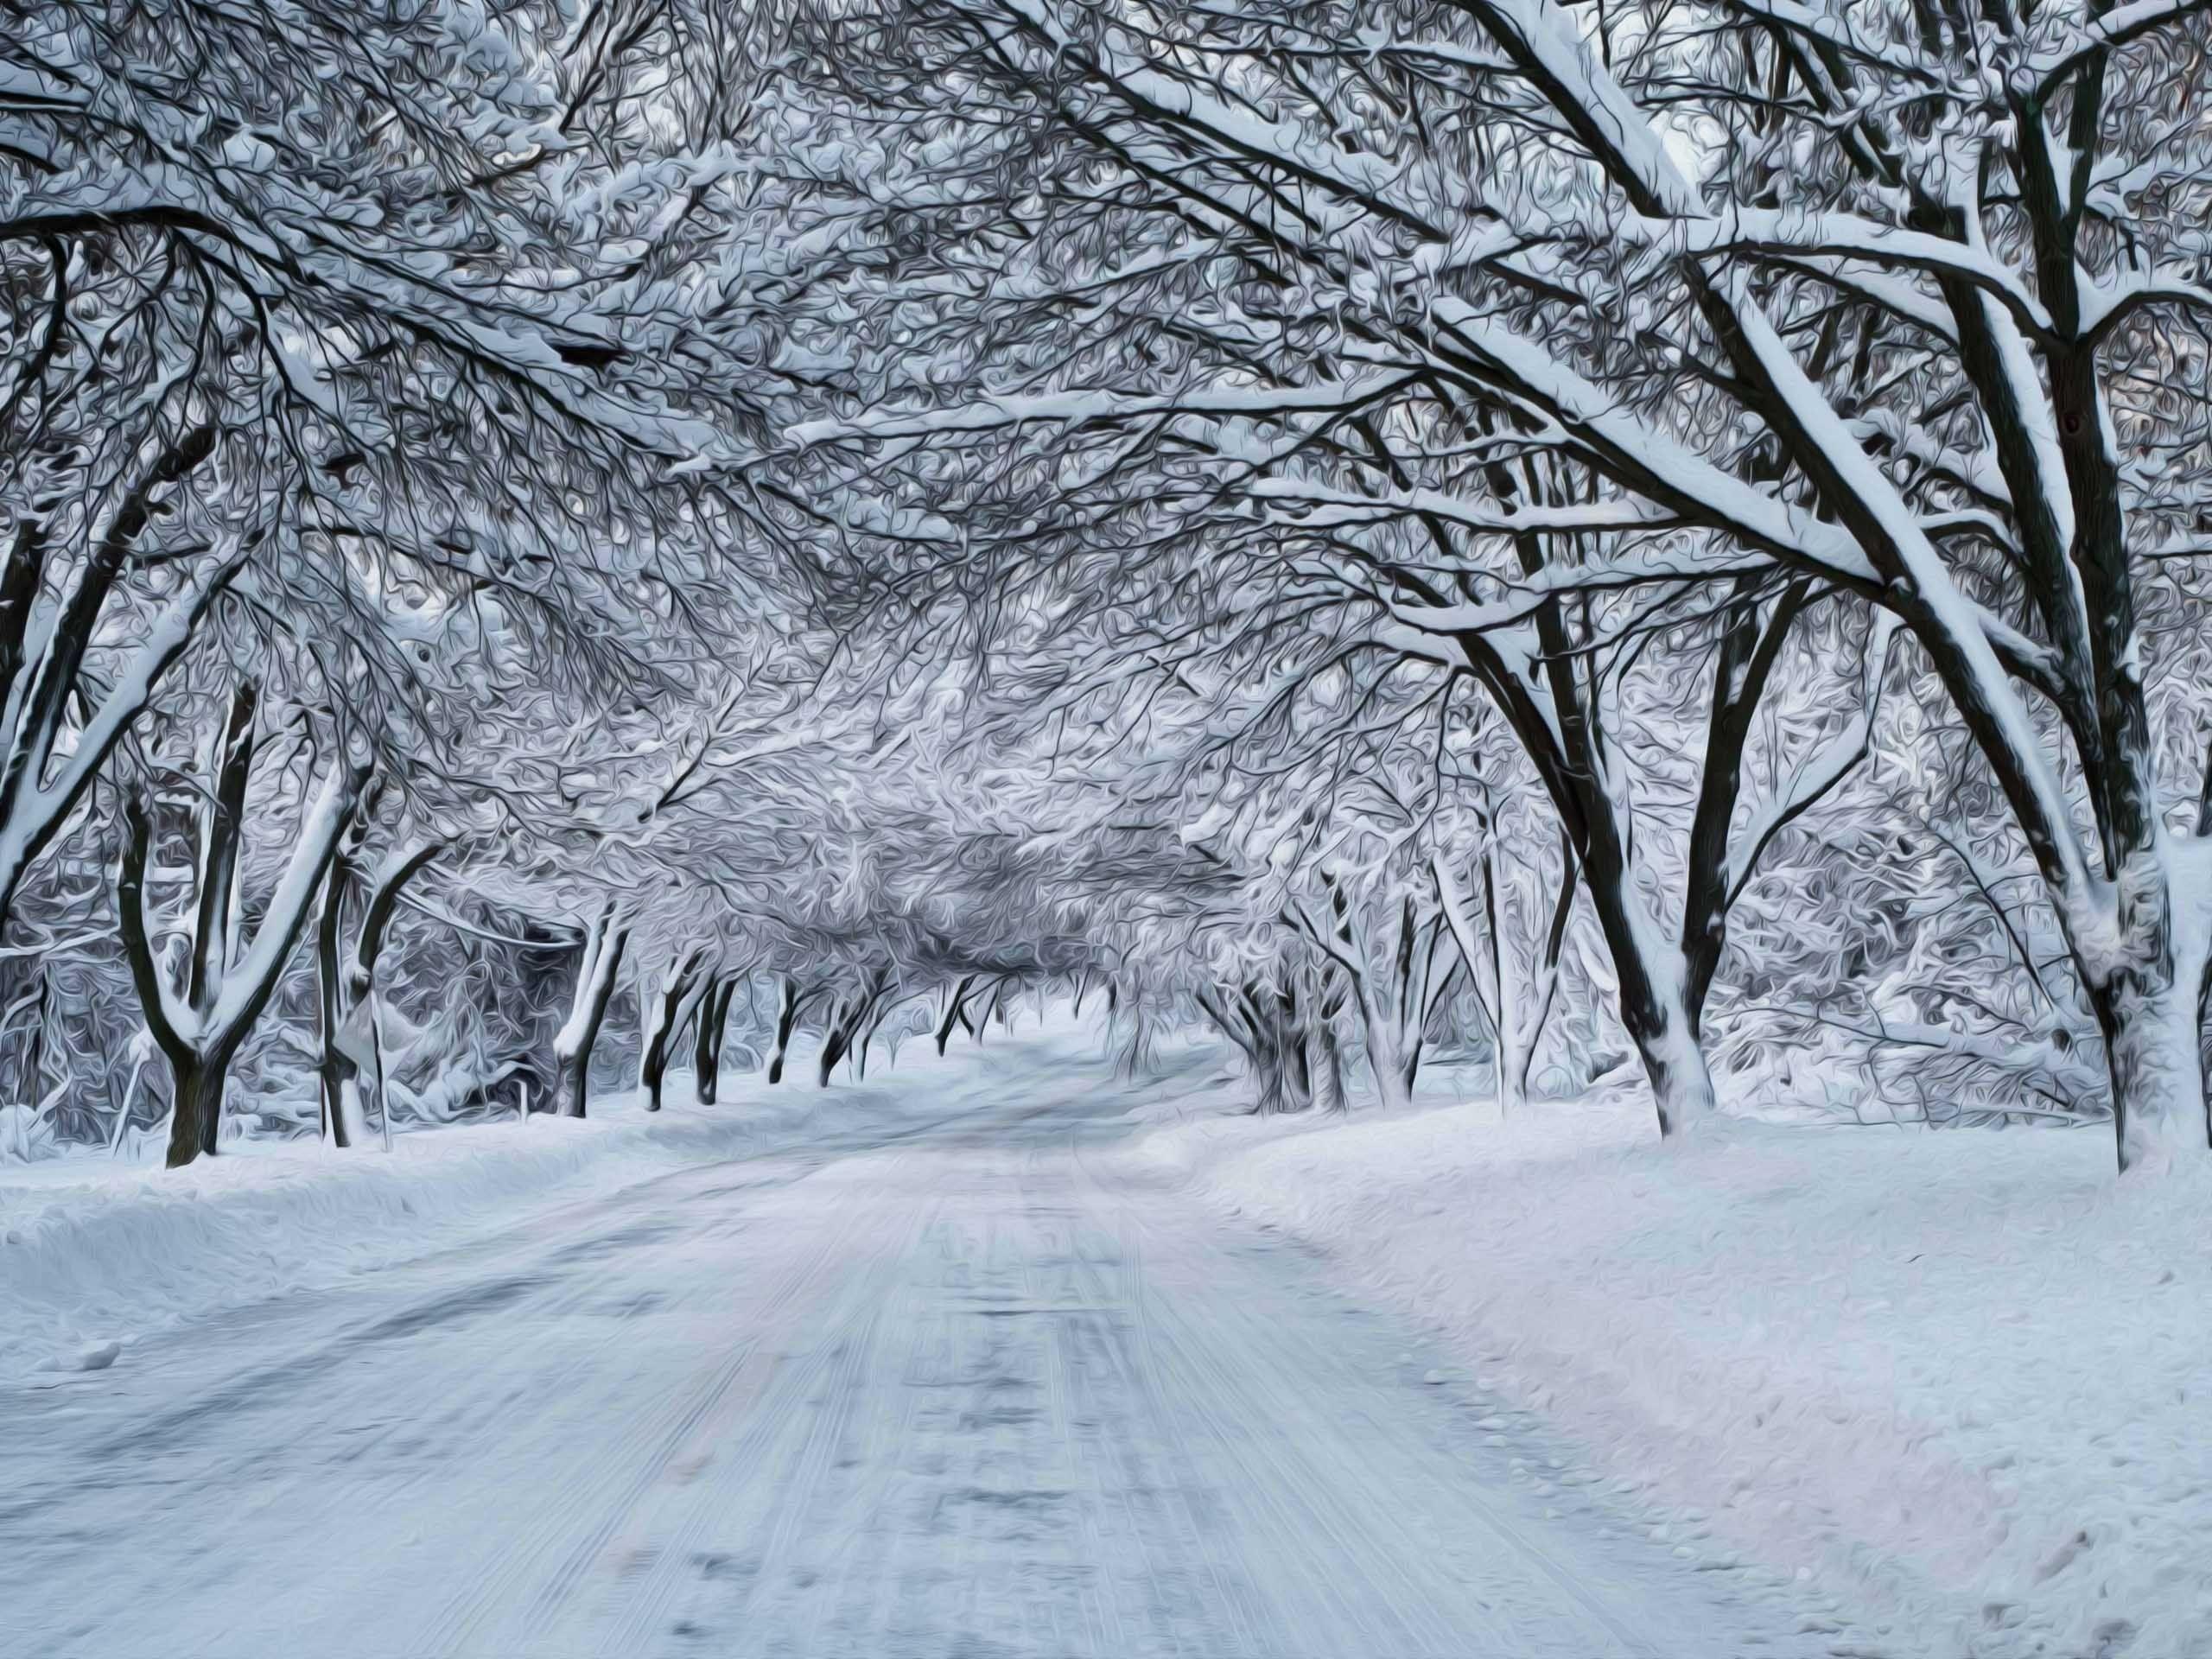 winter snow scenes | winter nature snow scene | winter scenes